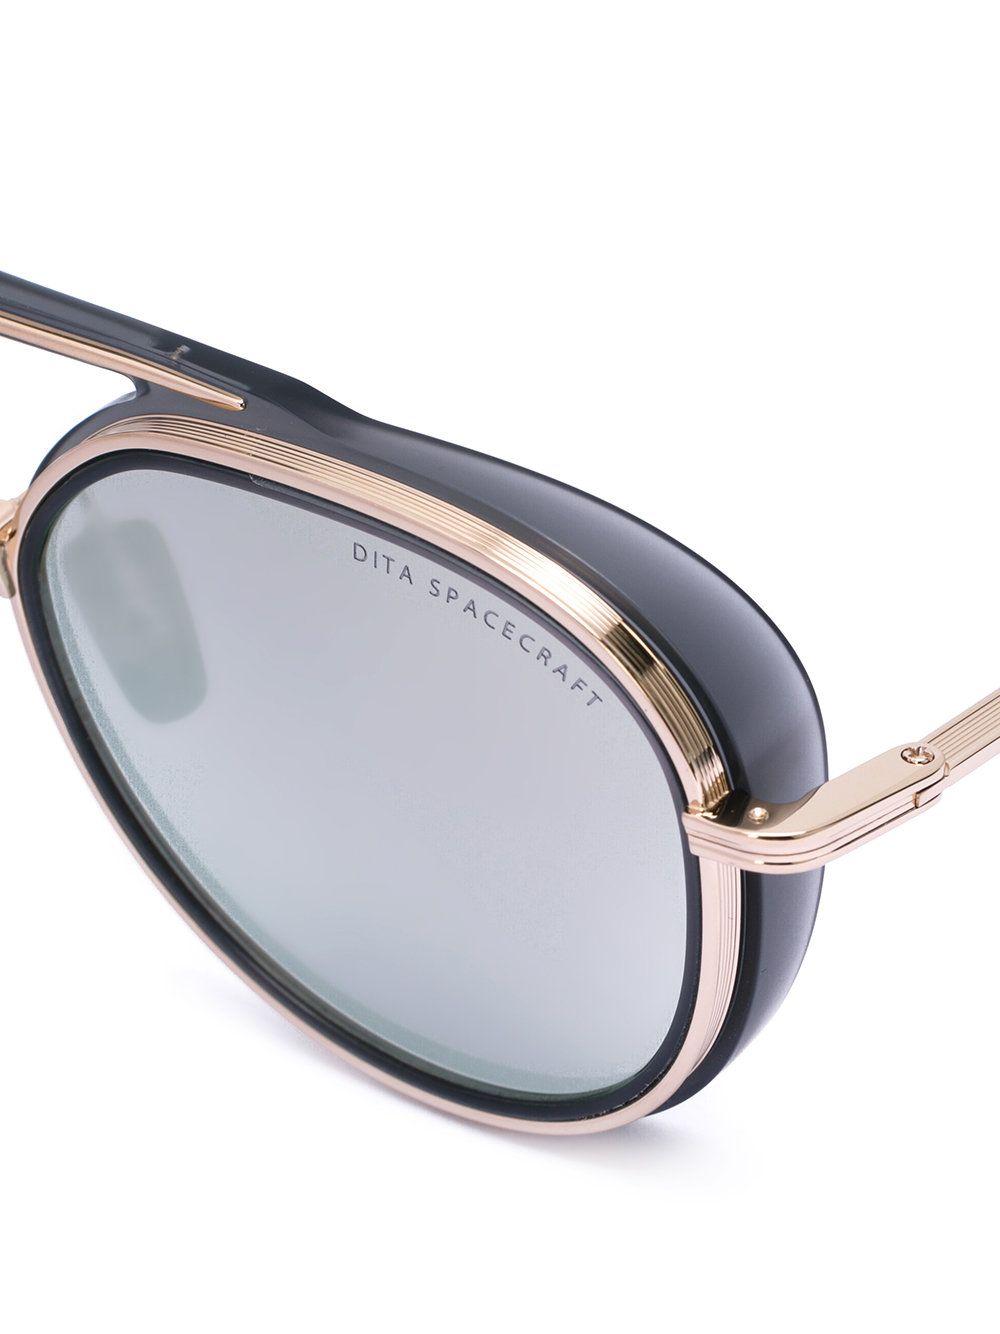 36e925d68ce9 Dita Eyewear Spacecraft sunglasses